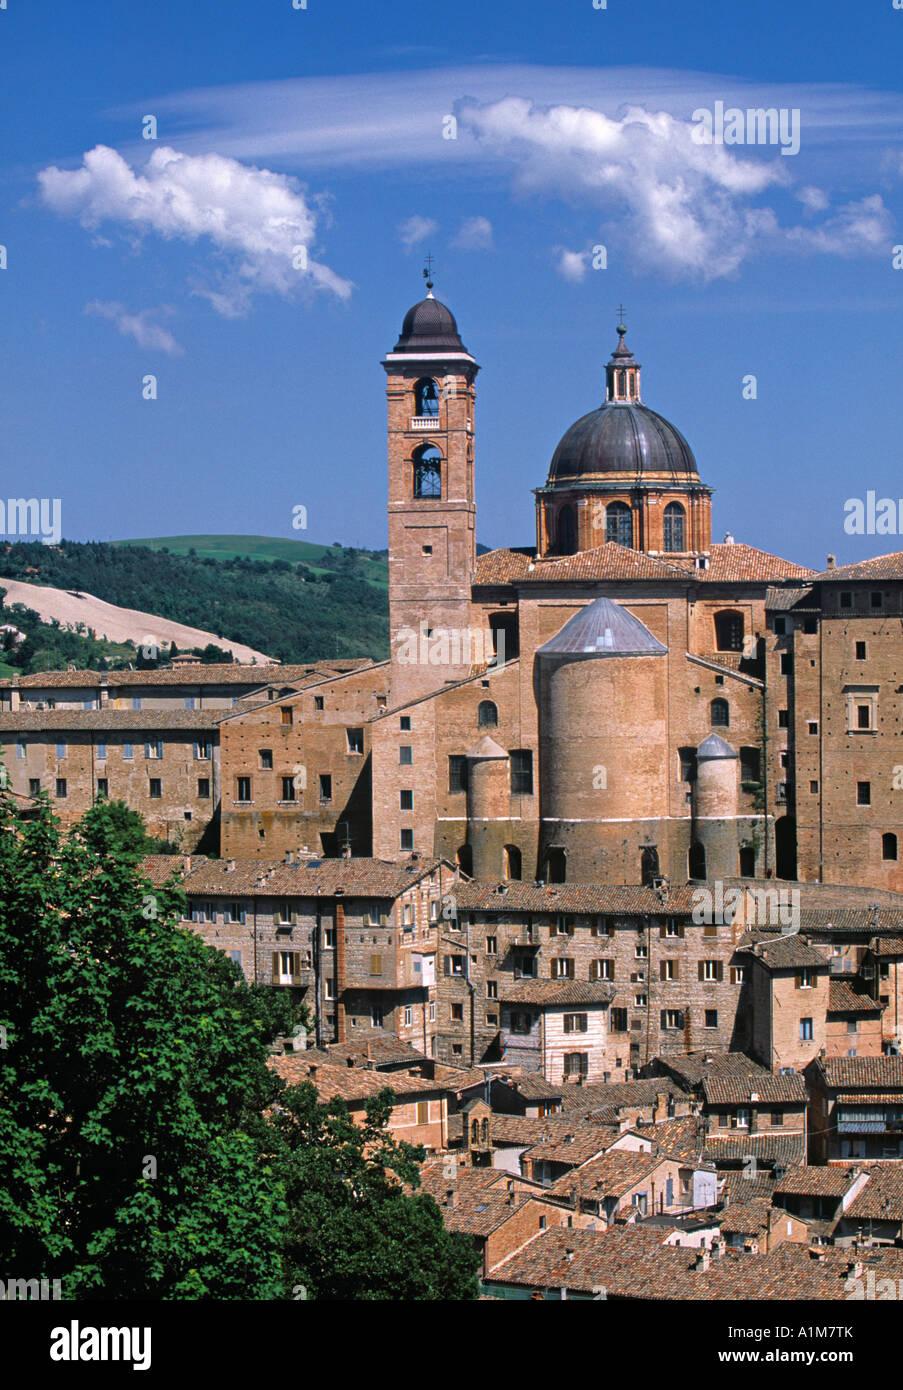 Palazzo Ducale, Urbino, Le Marche, Italy - Stock Image